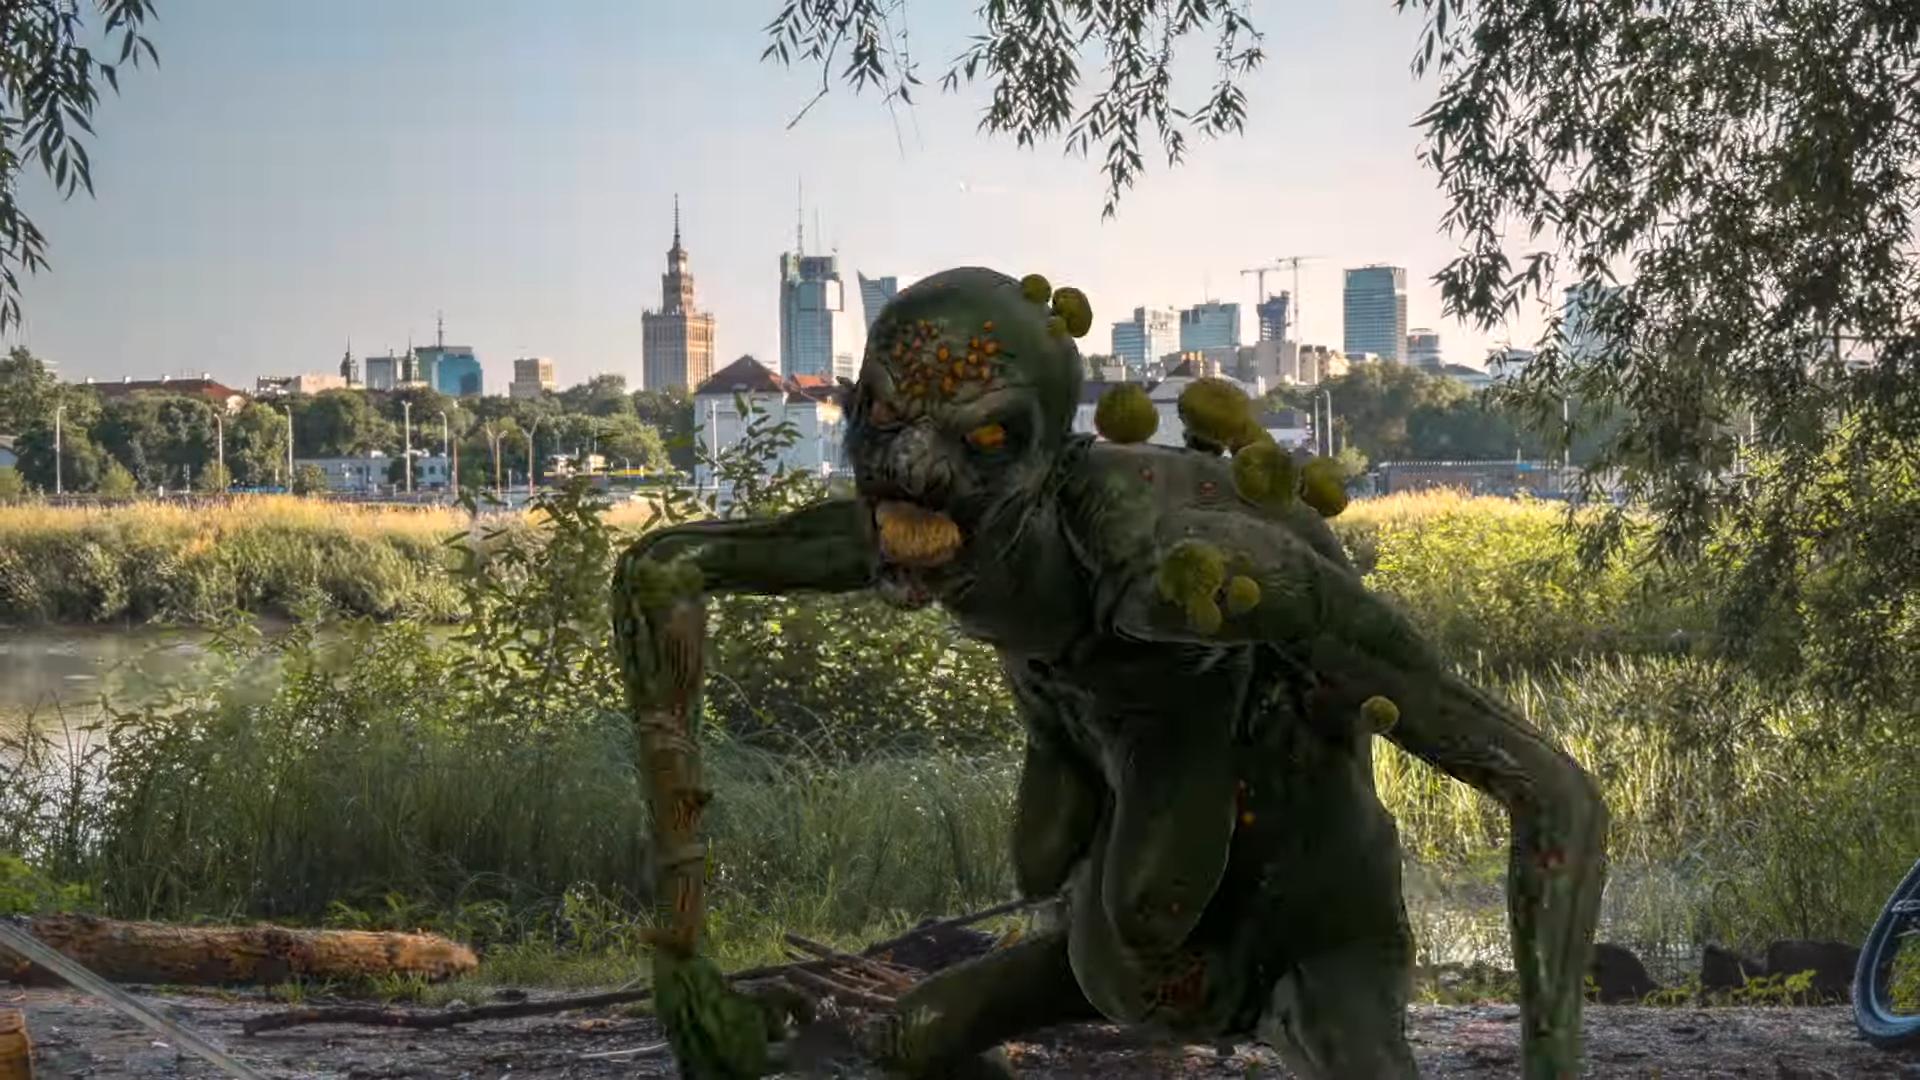 Релиз AR-игры «Ведьмак: Охотник на чудовищ» назначен на 21 июля